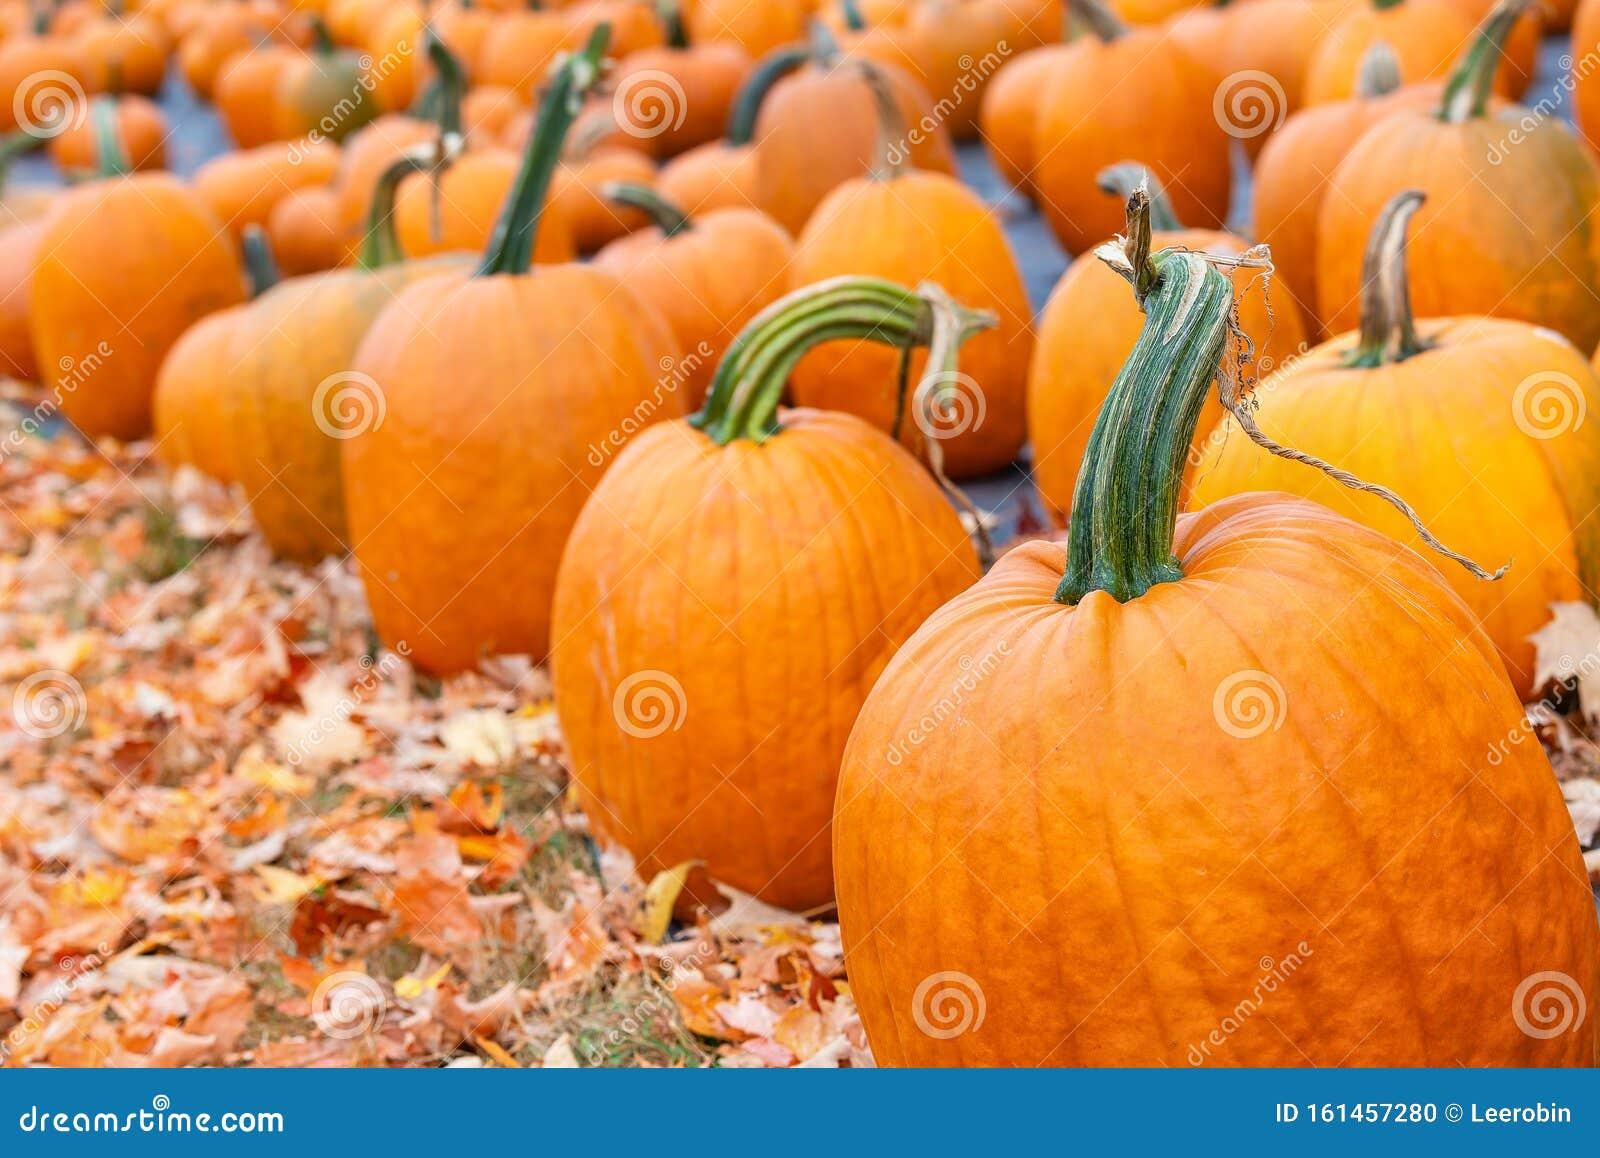 Download Pumpkin Patch Zurich Switzerland Free